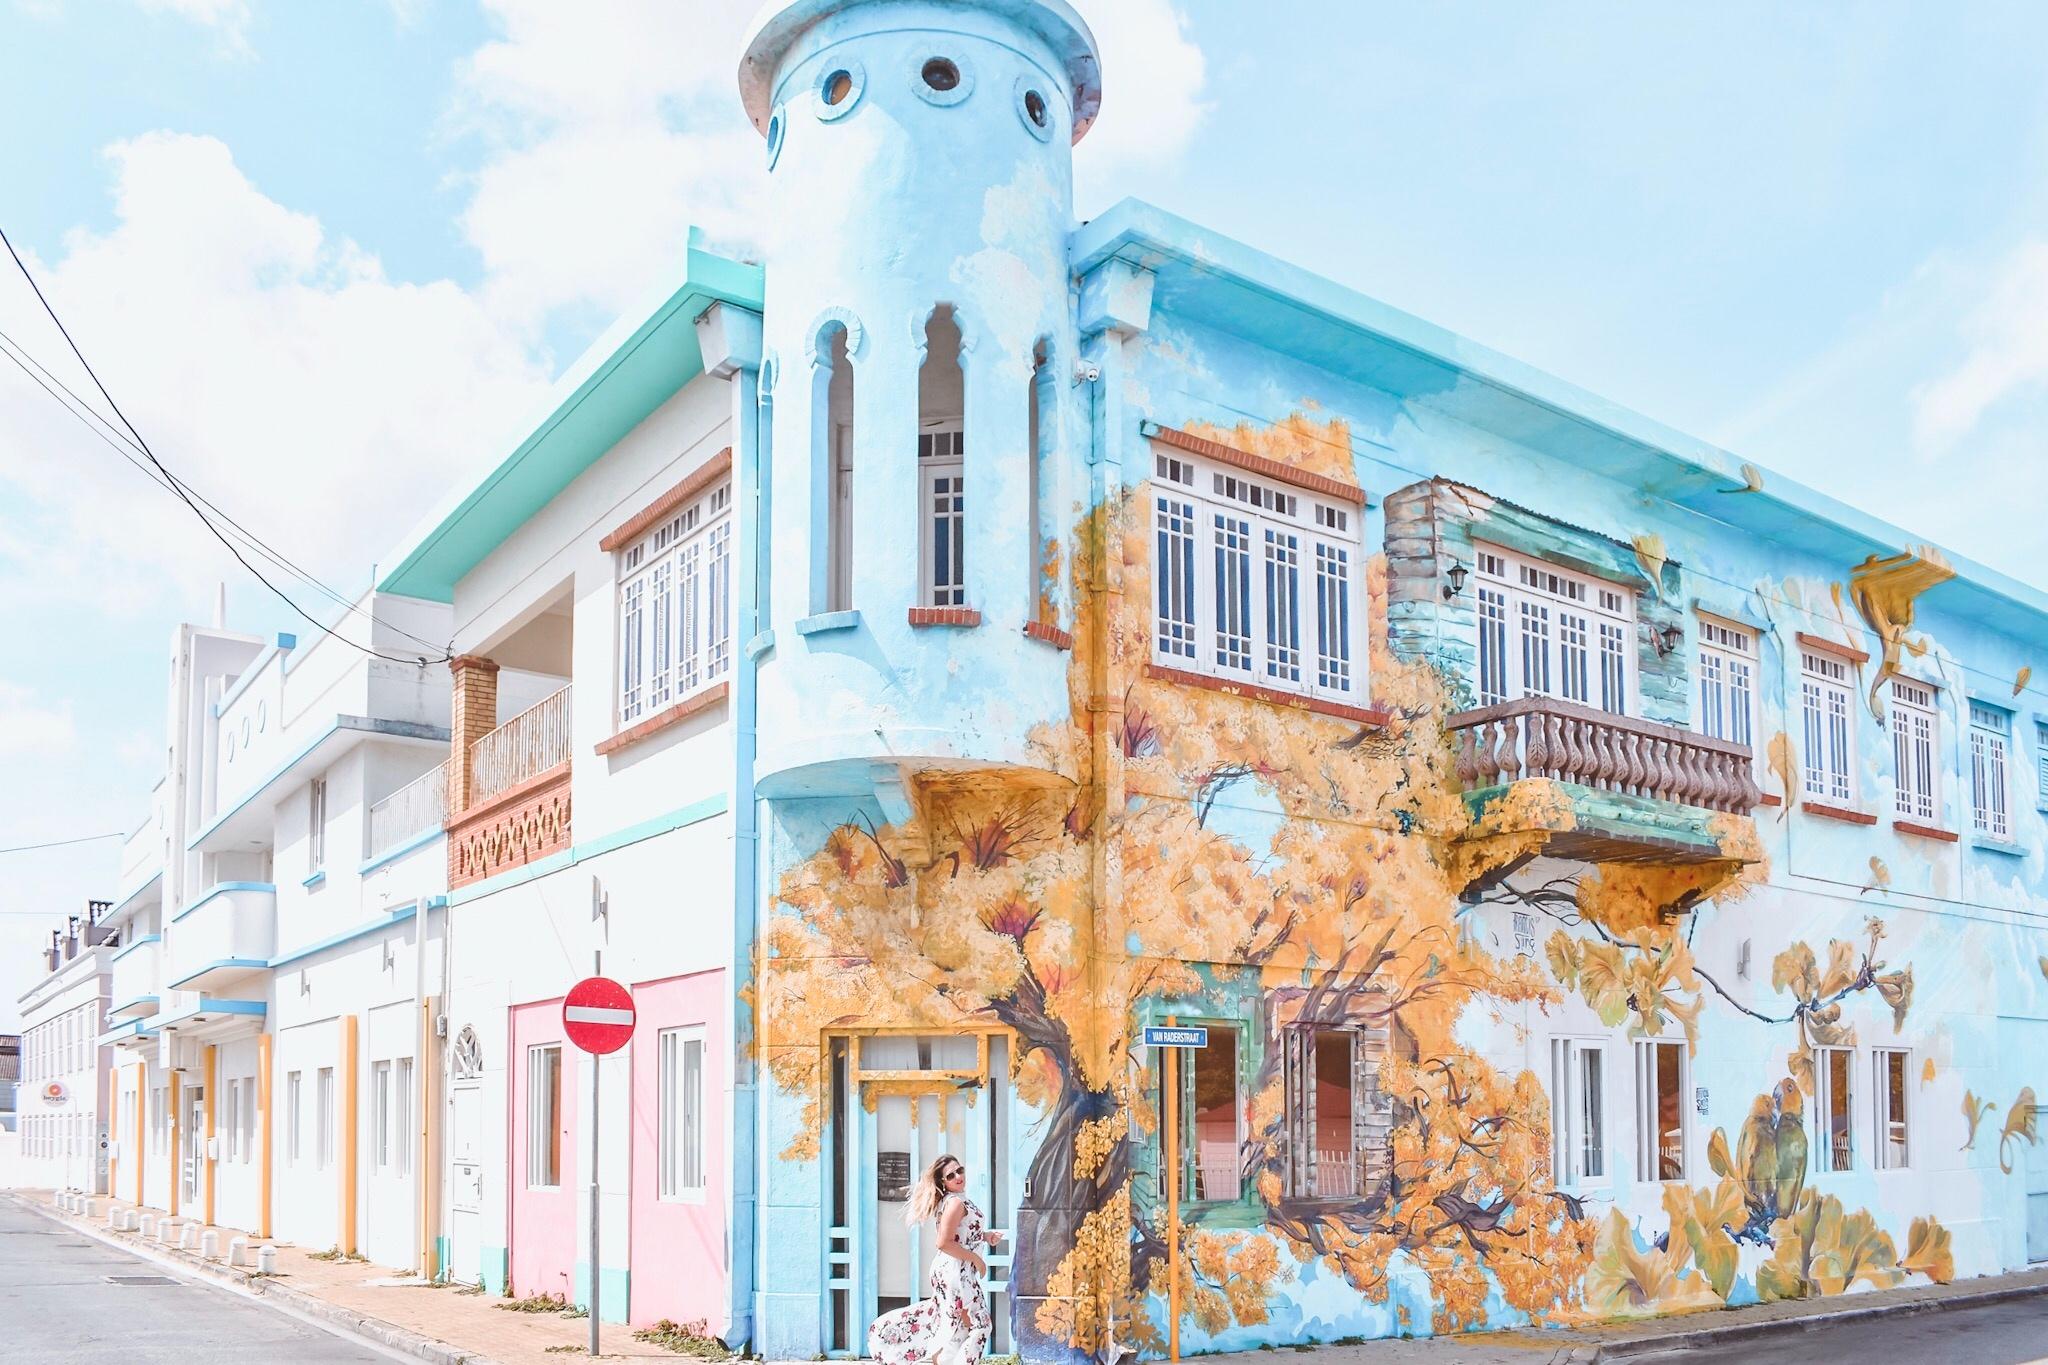 Willemstad street art Curaçao